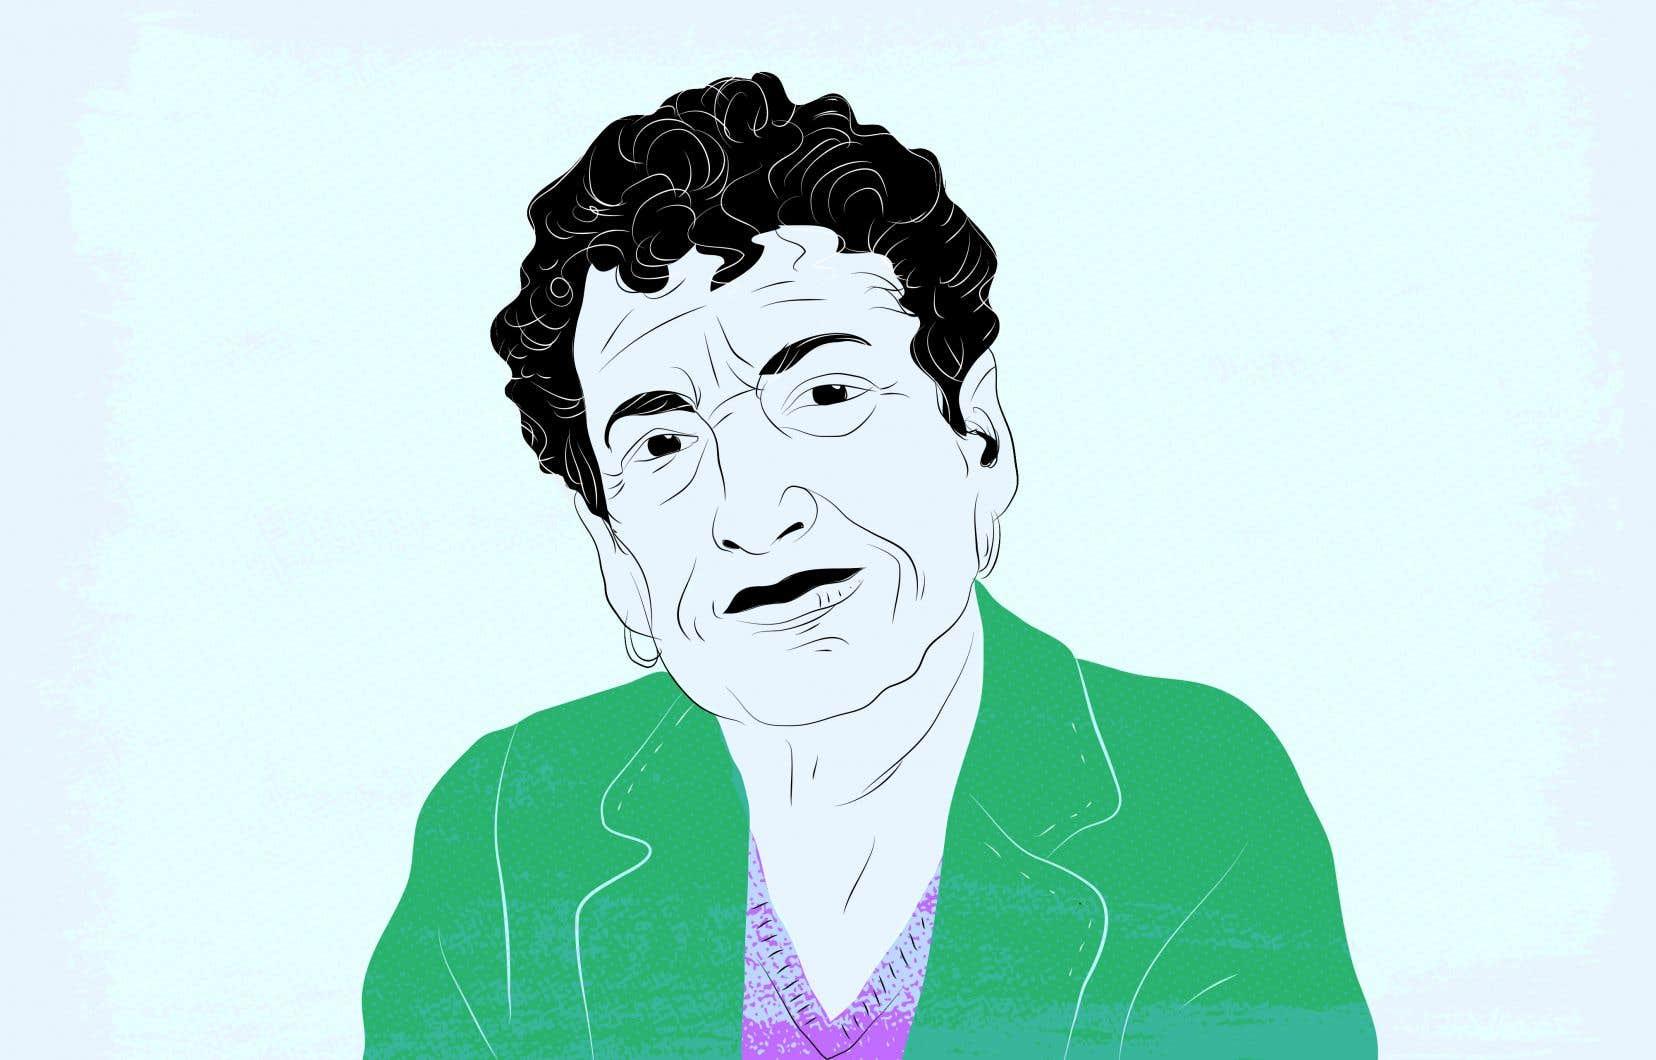 Vers quoi donc se tourner? L'historienne Naomi Oreskes soutient que «le fondement adéquat de la confiance du public en la science est l'engagement soutenu des scientifiques envers le monde naturel, joint au caractère social de la science qui comprend des procédures pour l'analyse critique des affirmations».